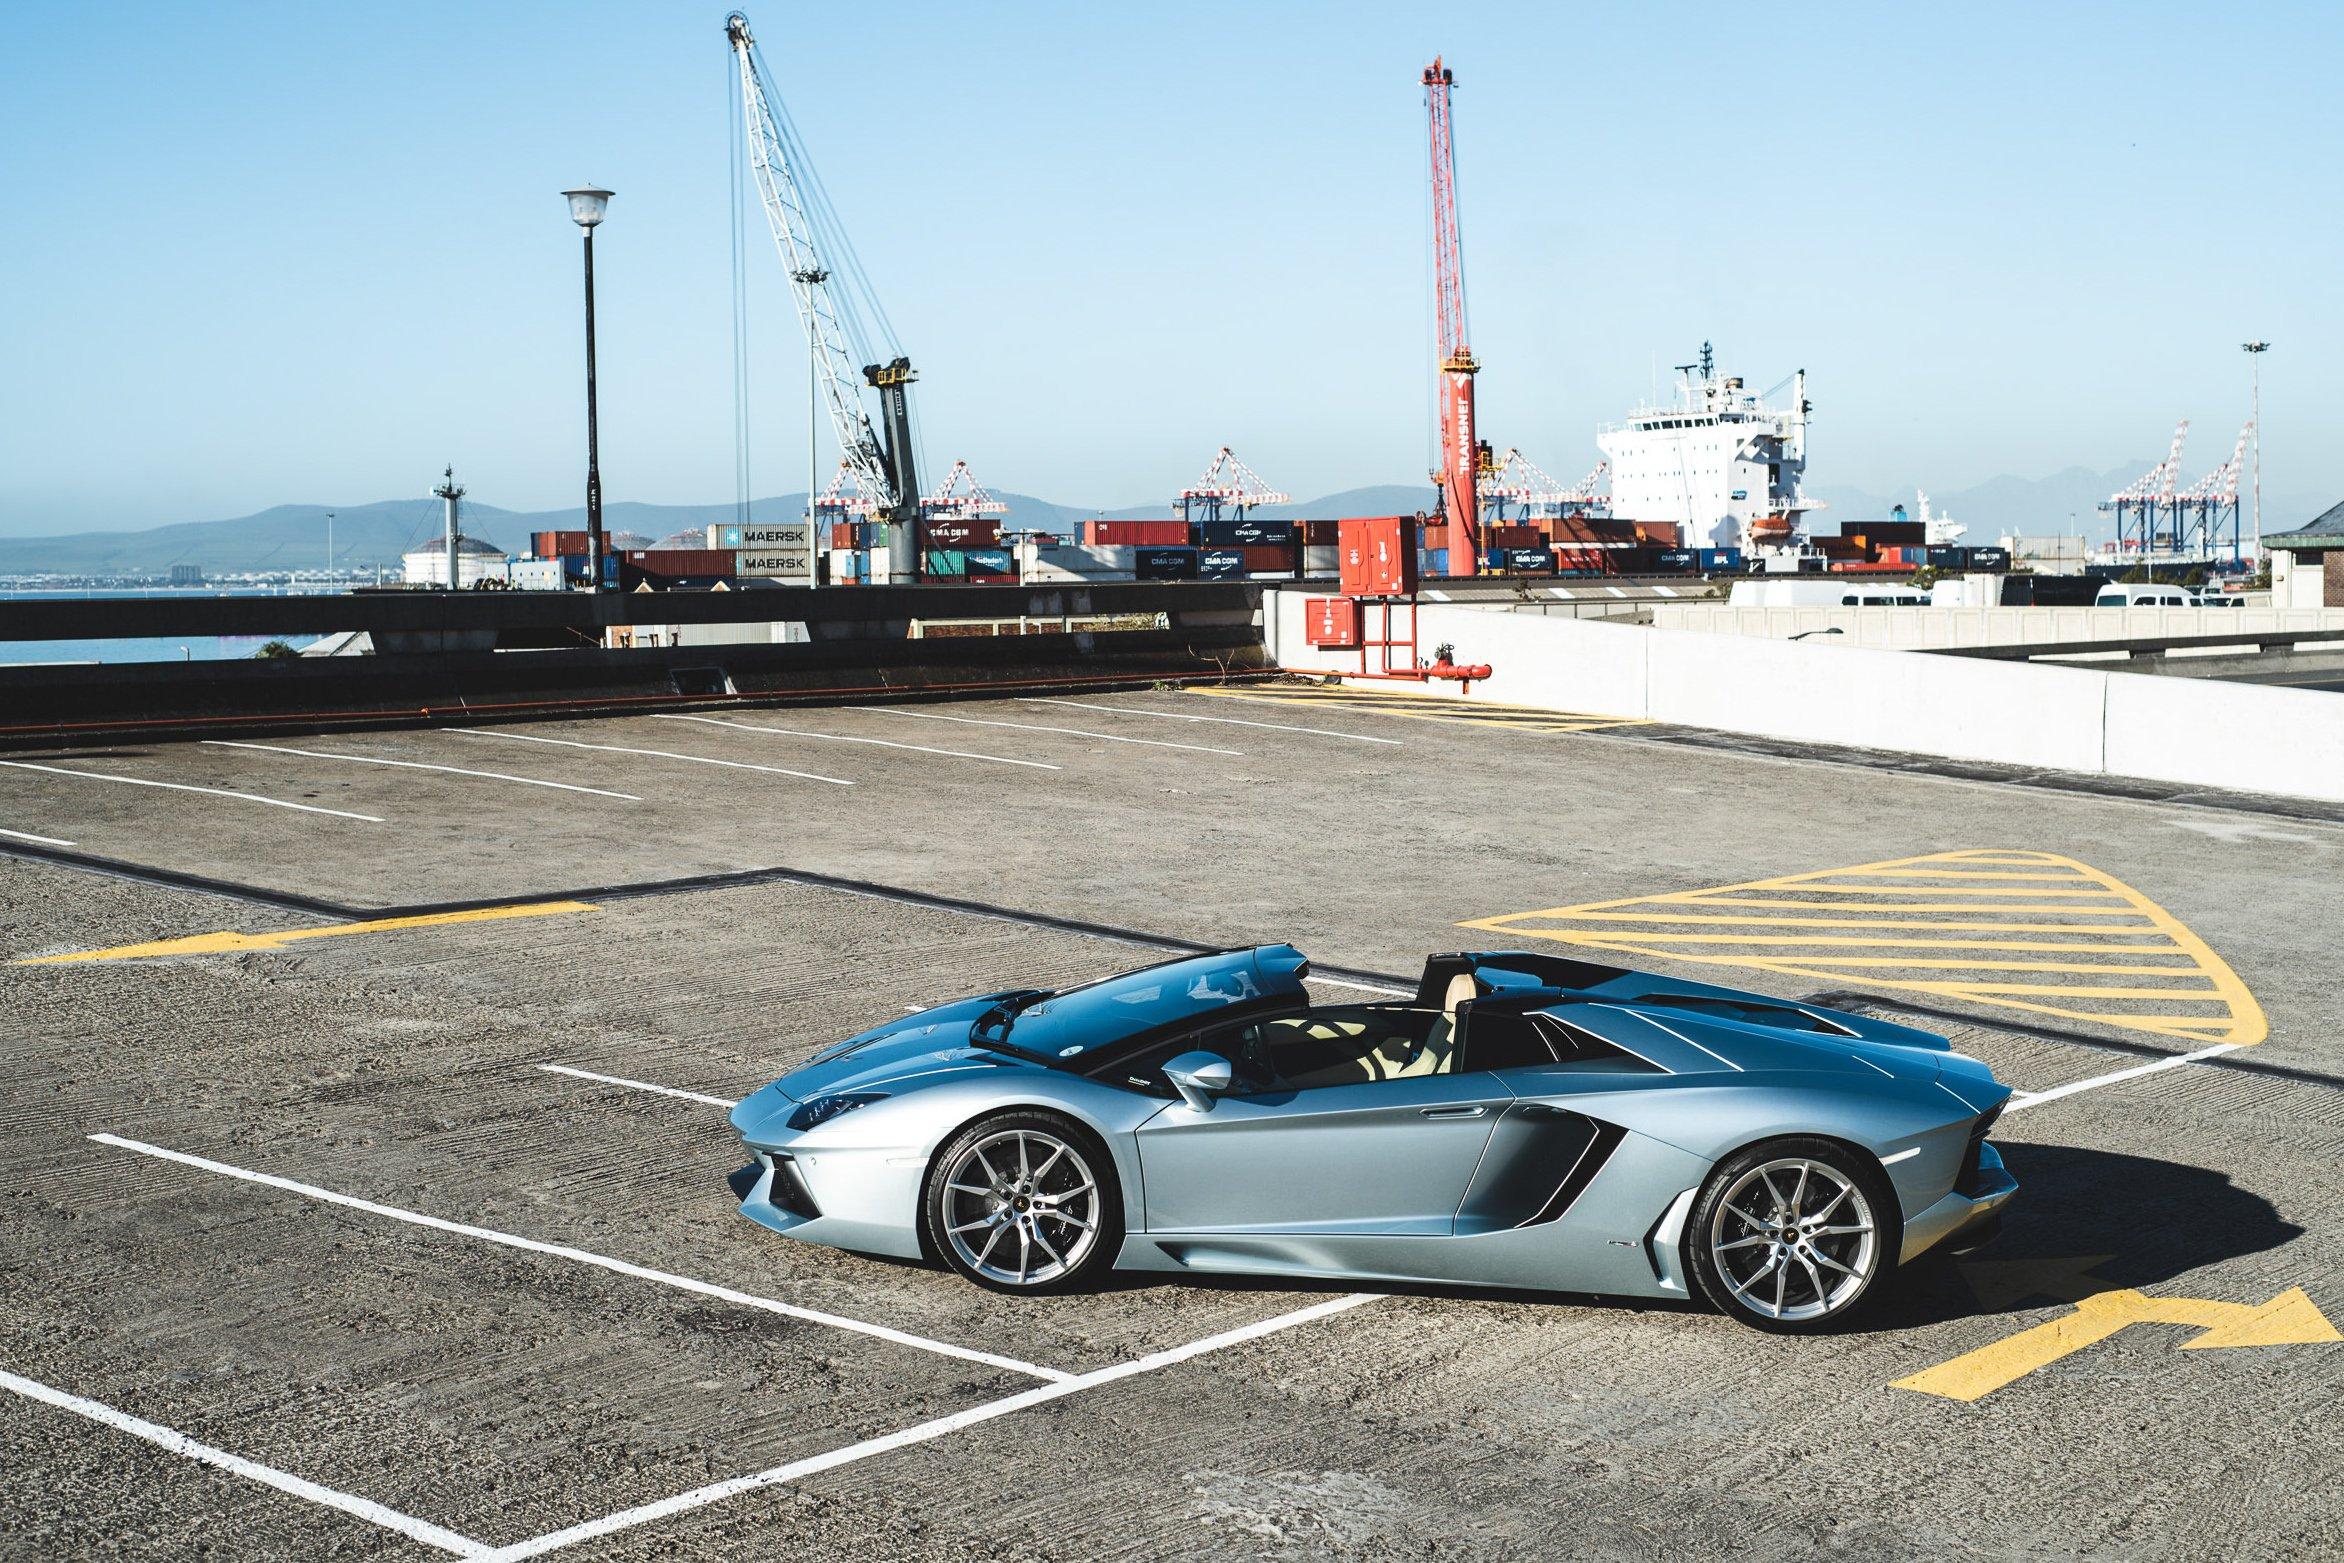 Lamborghini Aventador 2 (1 of 1).jpg